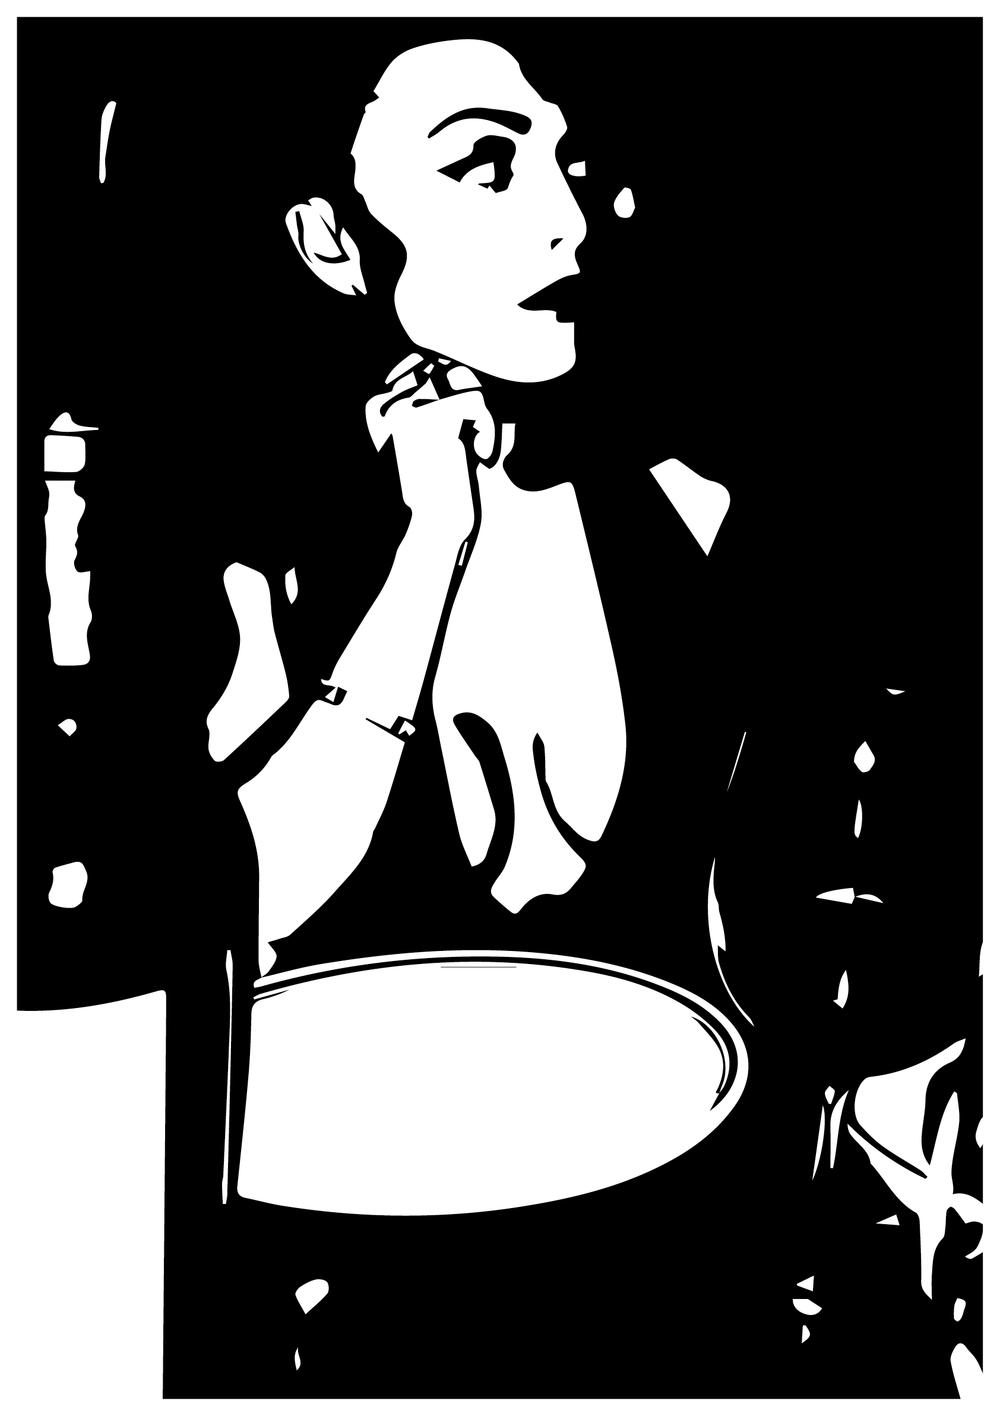 Wie funktioniert Verfiere hüt? Mir sin do zimmlig irritiert,  E Gleesli Roote und e Liebesfilm – het friener funktioniert.  Doch das Drääibuech kasch vergässe, s Happy End gits nümmi gschänggt,  Well jedi Frau bim Wyyglas numme no an Weinstein dänggt.